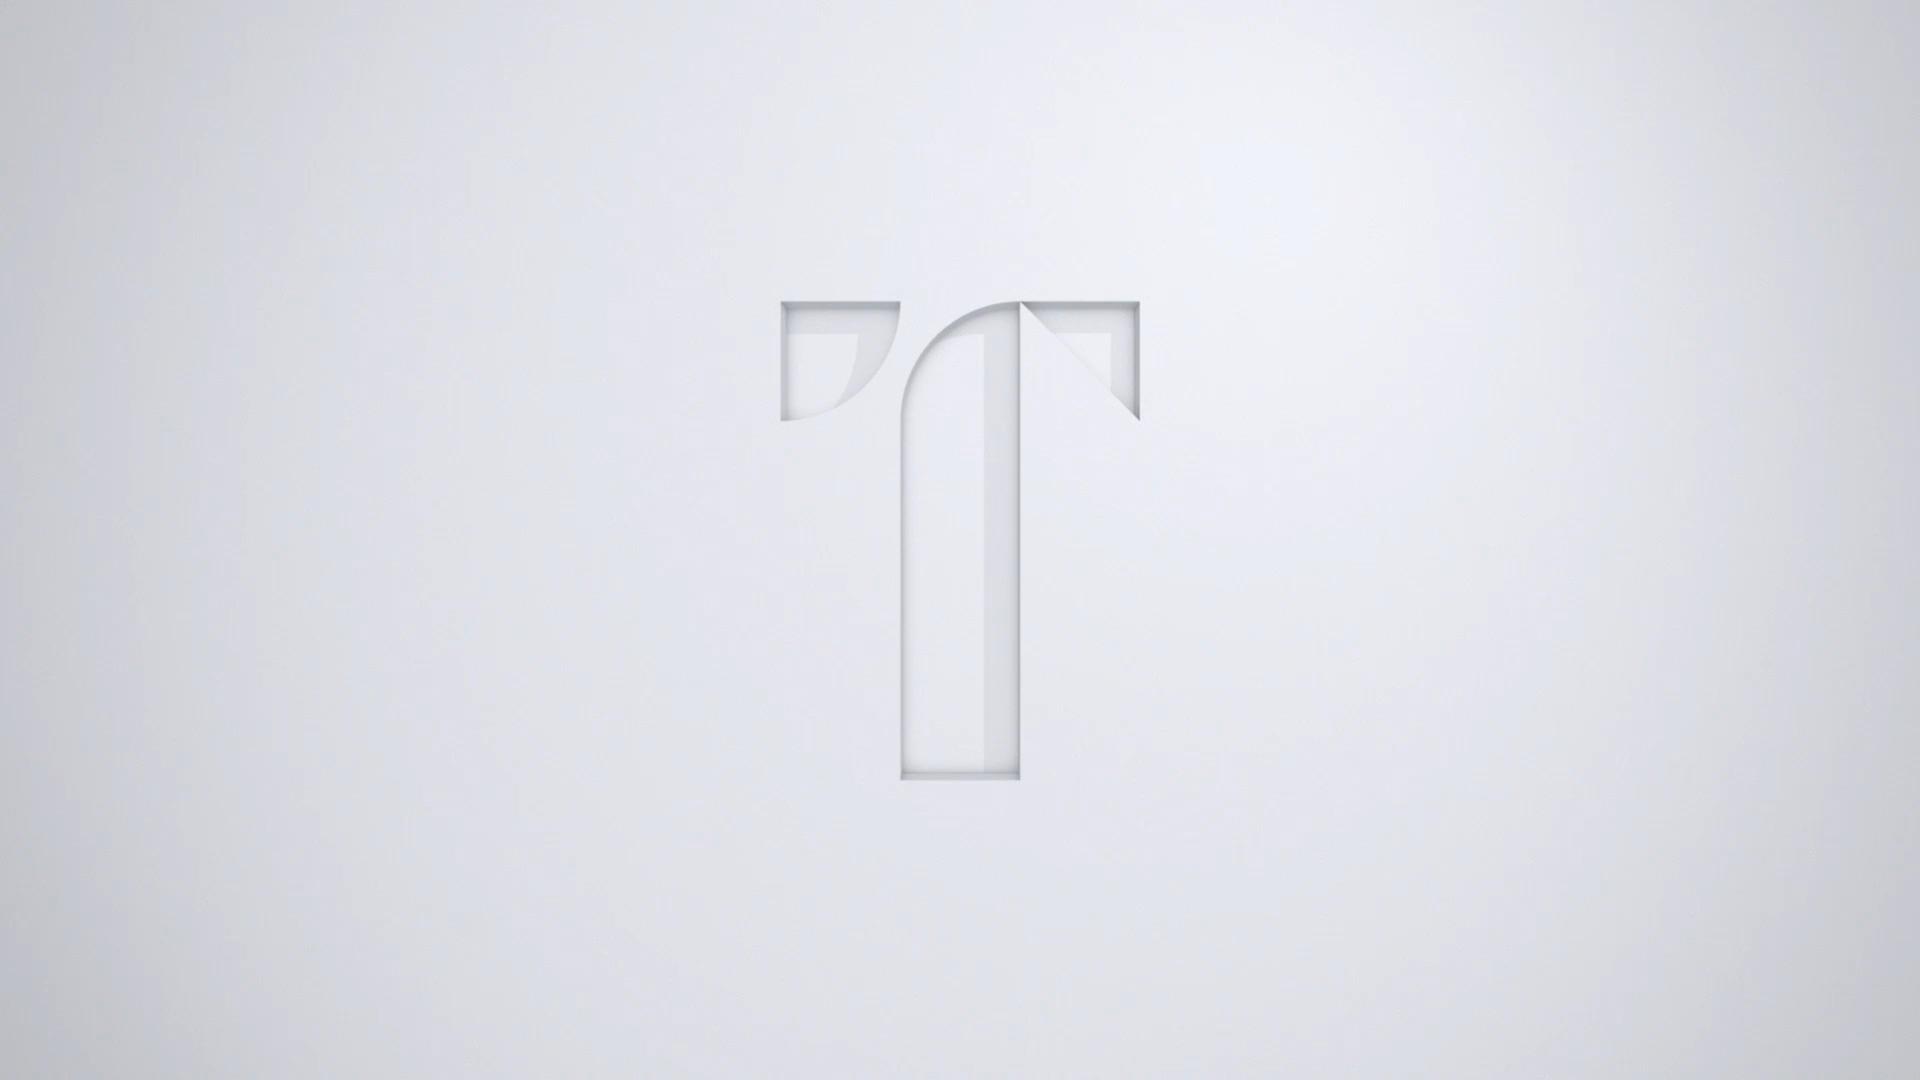 TribuneCinematic020717_v24.png